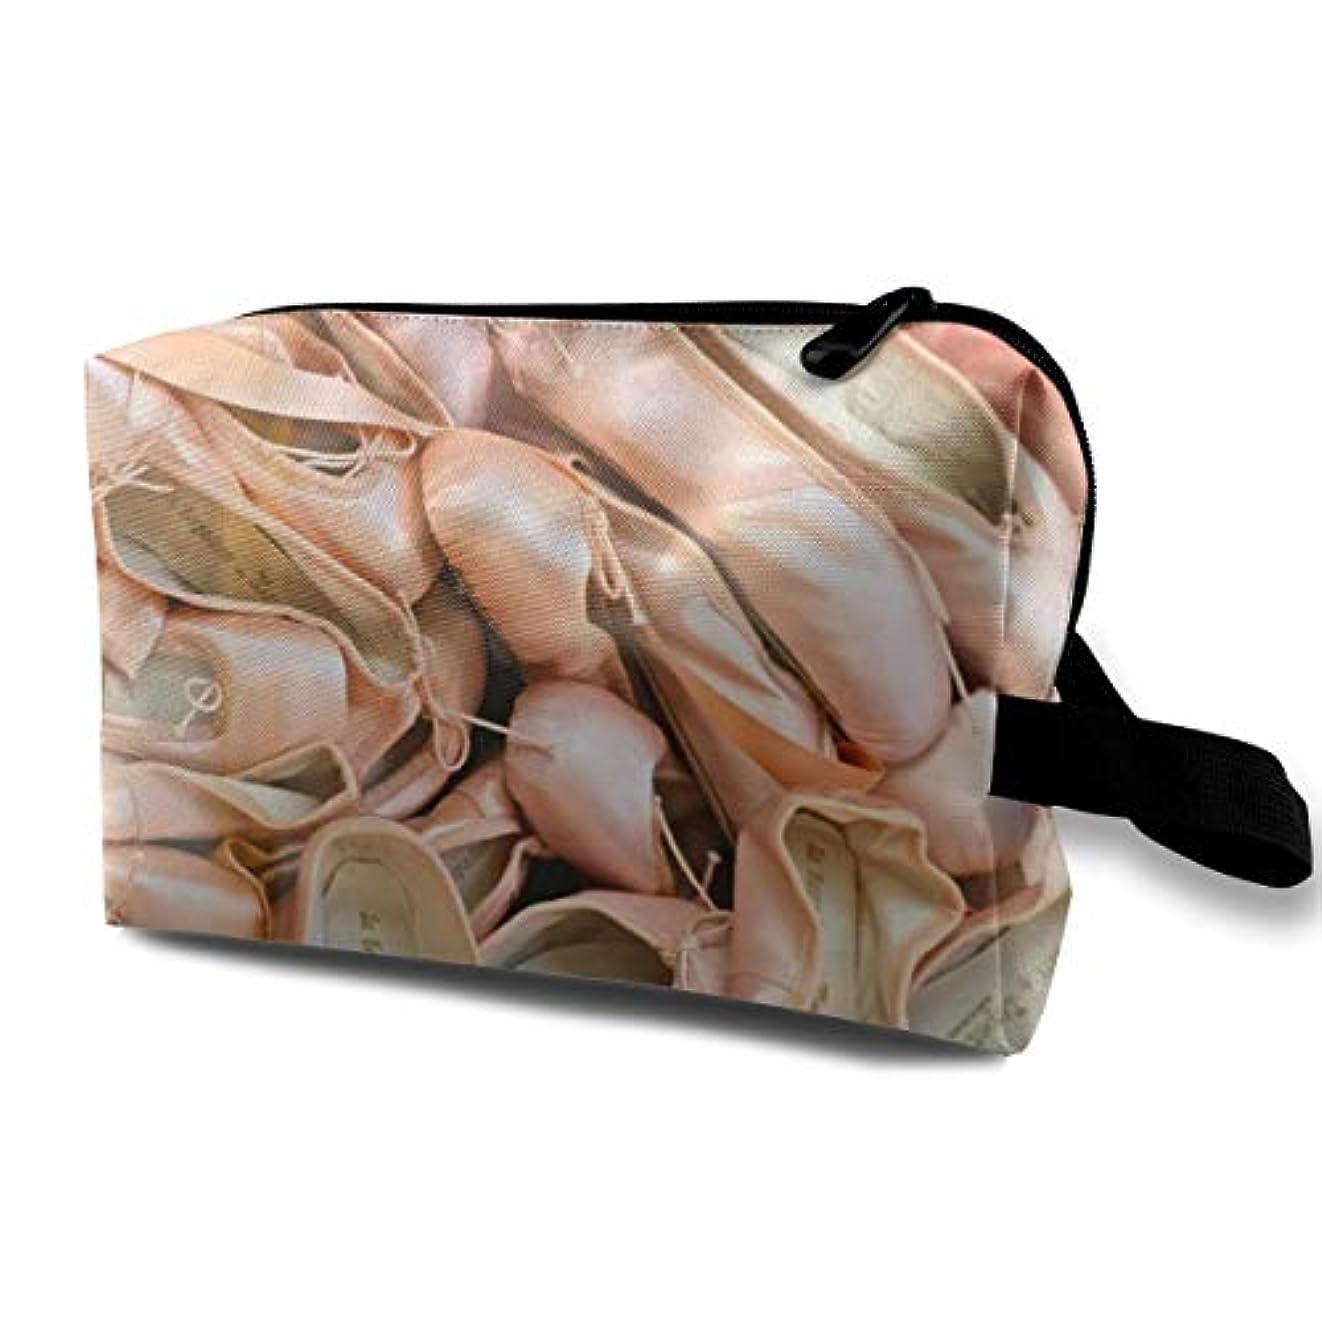 ハッチサルベージ分類Lepetto Ballet Shoes 収納ポーチ 化粧ポーチ 大容量 軽量 耐久性 ハンドル付持ち運び便利。入れ 自宅?出張?旅行?アウトドア撮影などに対応。メンズ レディース トラベルグッズ